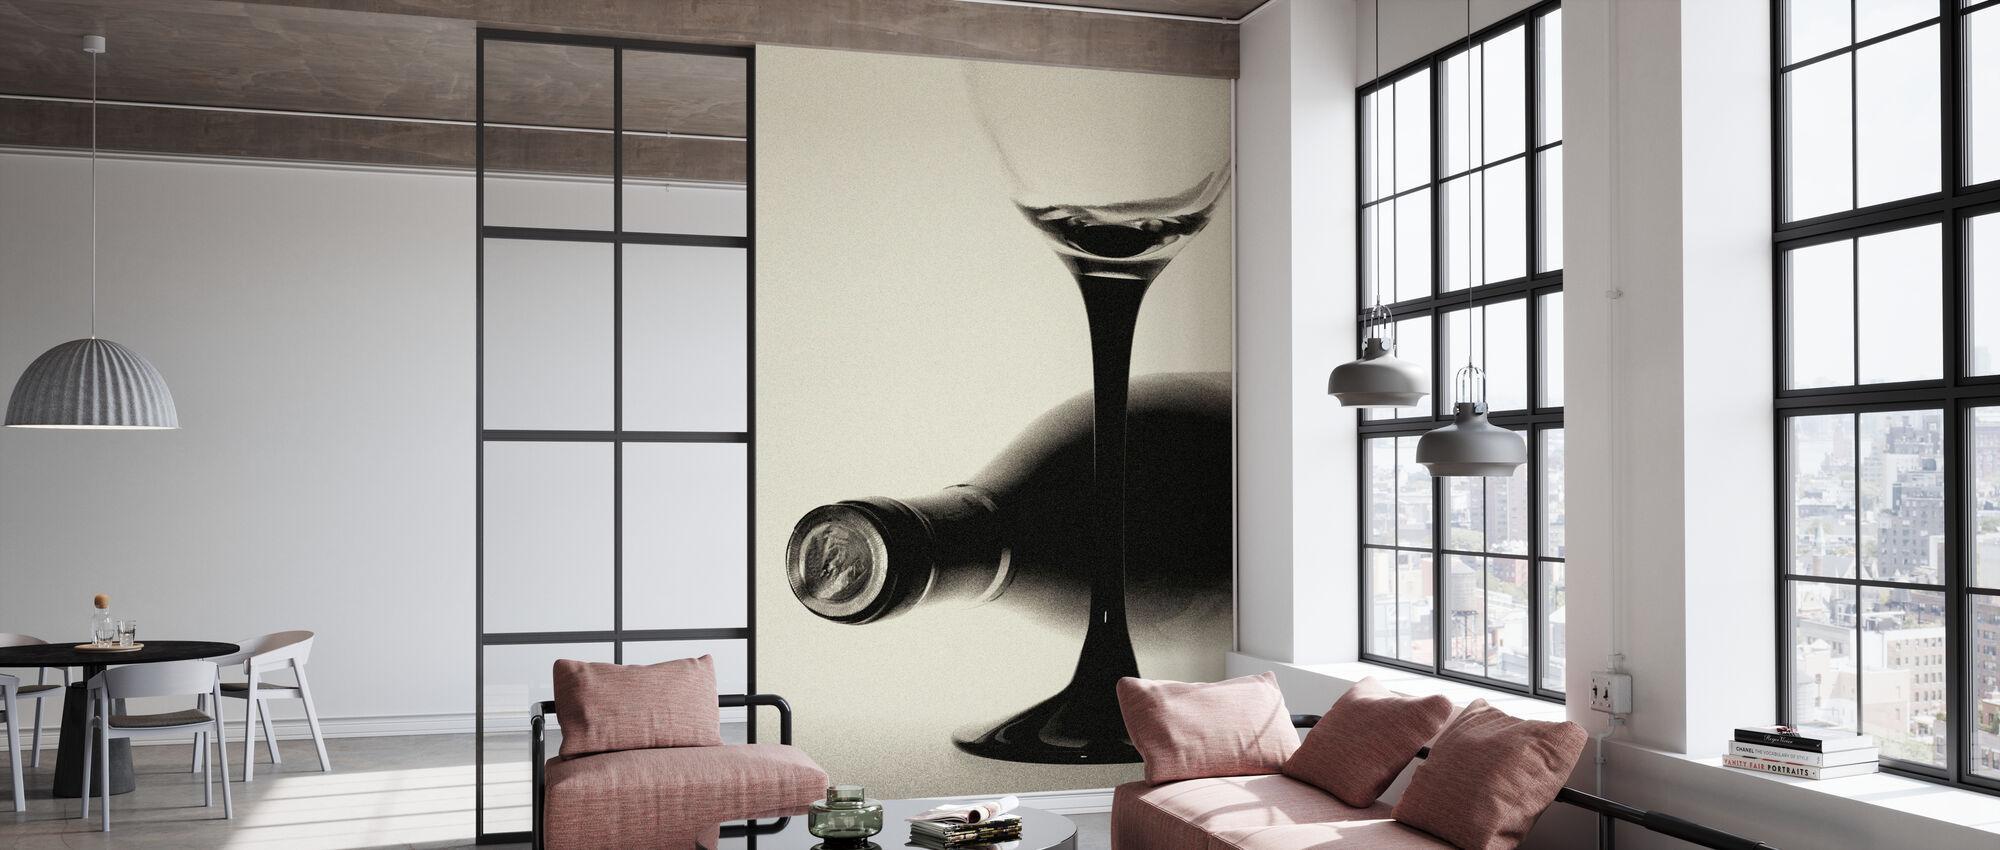 Körnige Weinflasche - Tapete - Büro